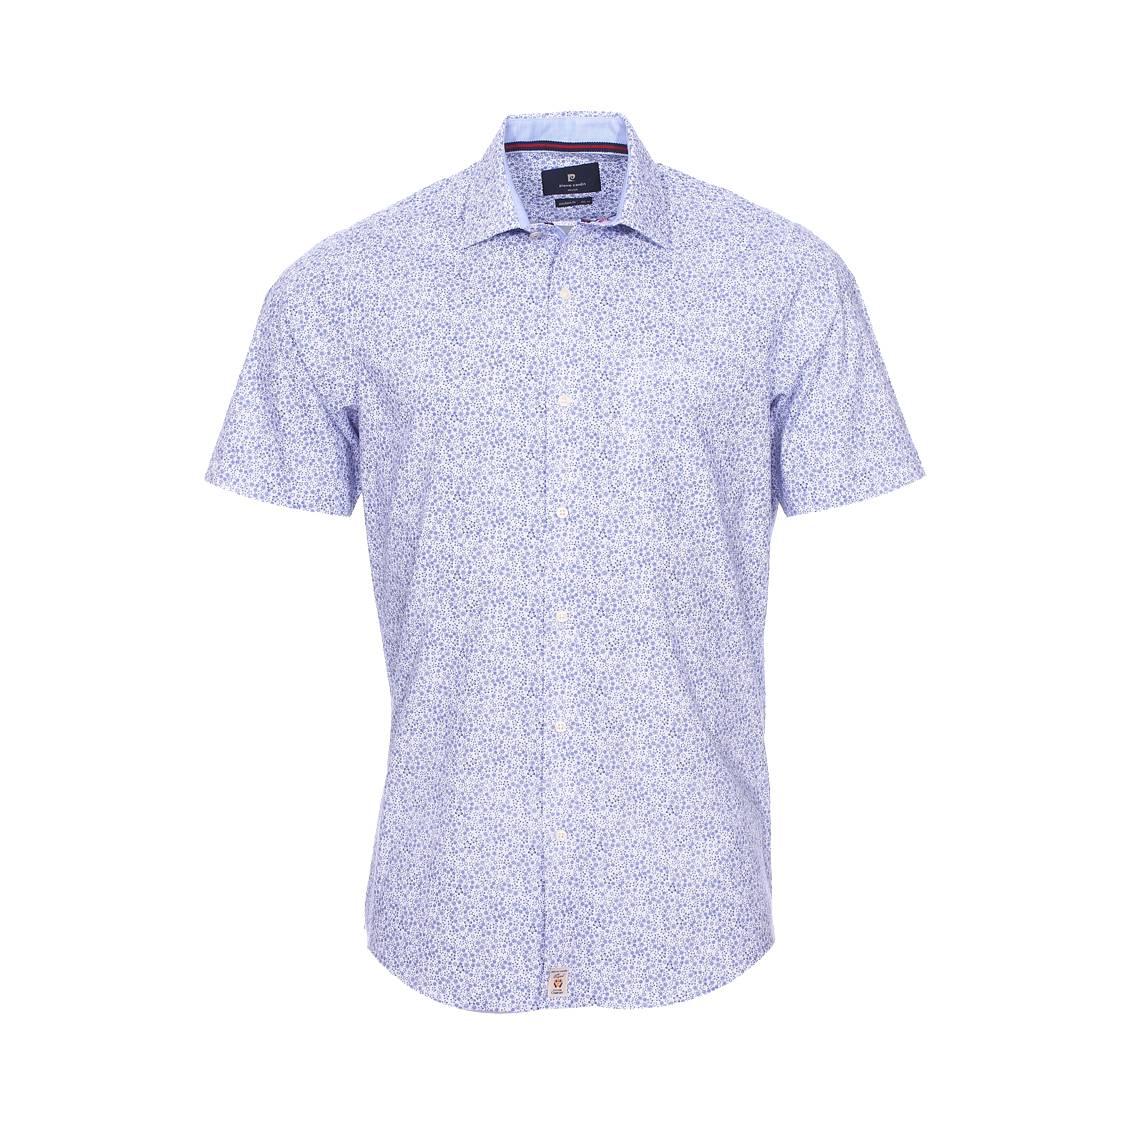 Chemise manches courtes ajustée  en coton blanc à motif floral bleu